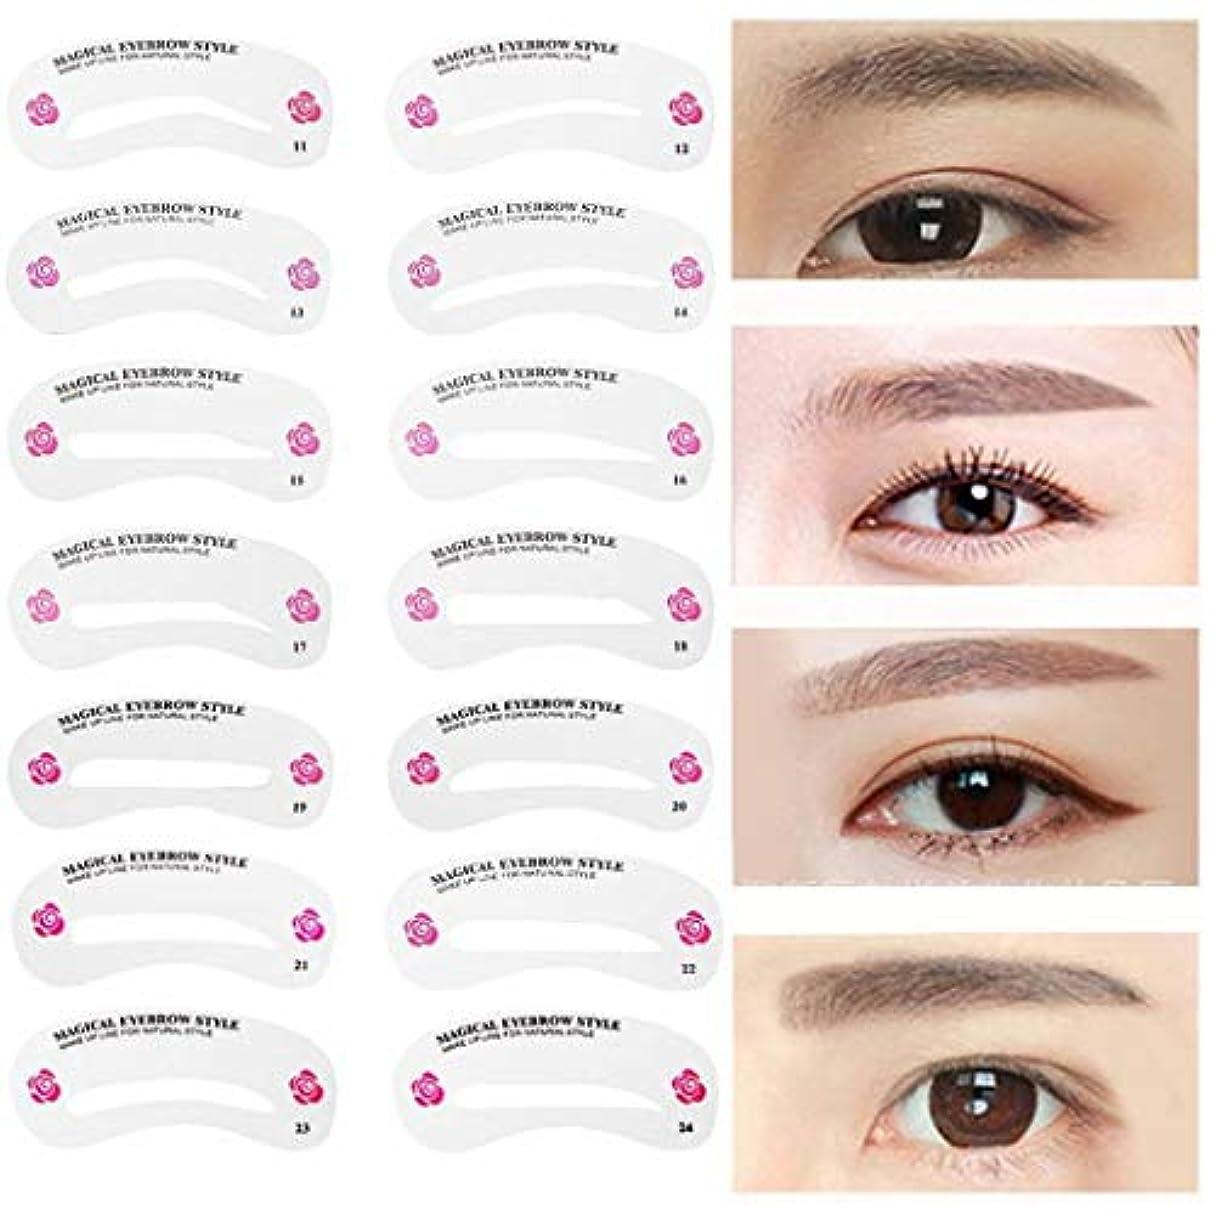 雄弁なジュラシックパーク娘24種類 眉毛テンプレート24枚セット 太眉対応 24パターン 眉毛を気分で使い分け 眉用ステンシル